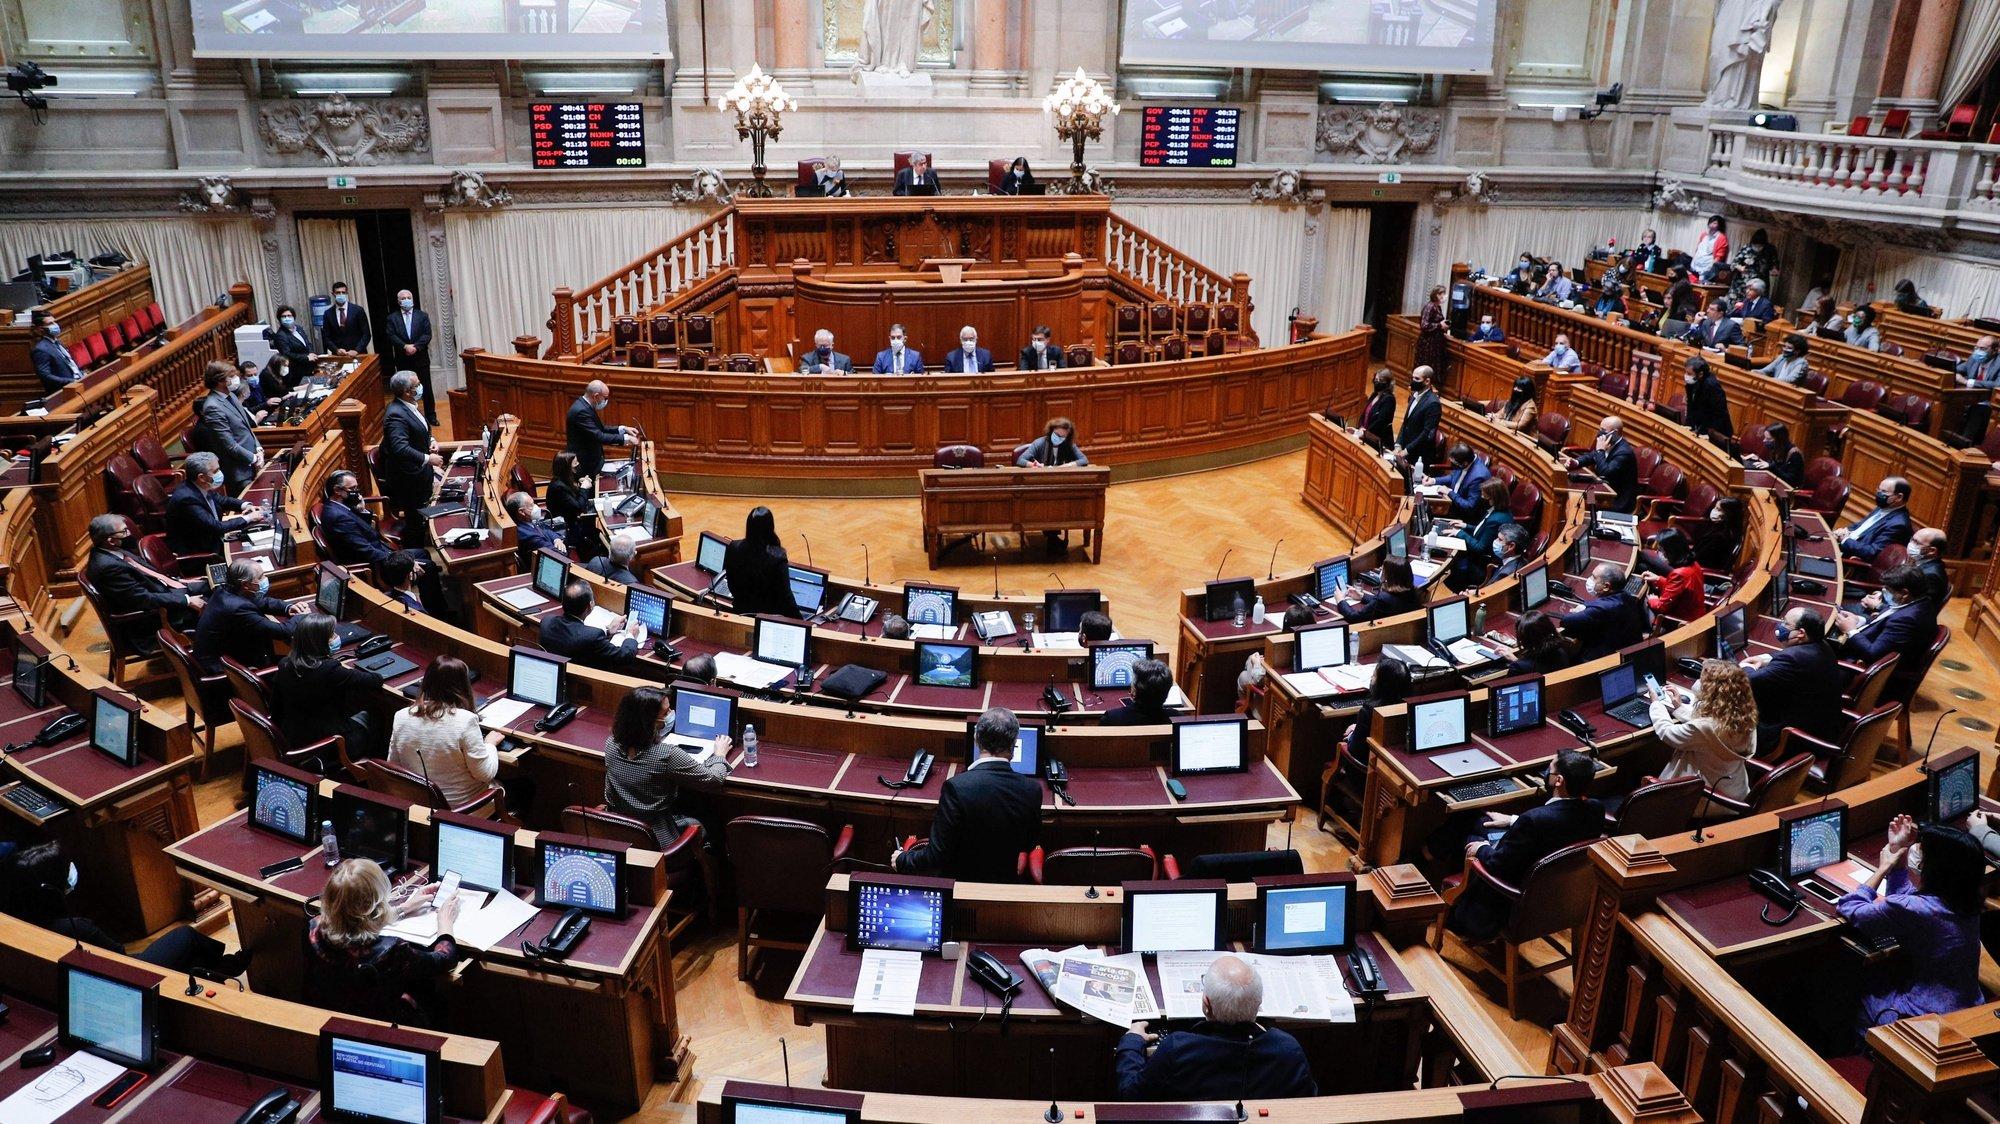 Deputados do Bloco de Esquerda (BE), do Partido Pessoas-Animais-Natureza (PAN) e do CDS-PP abstêm-se na votação do pedido de autorização de renovação do estado de emergência na Assembleia da República, em Lisboa, 20 de novembro de 2020. ANTÓNIO COTRIM/LUSA